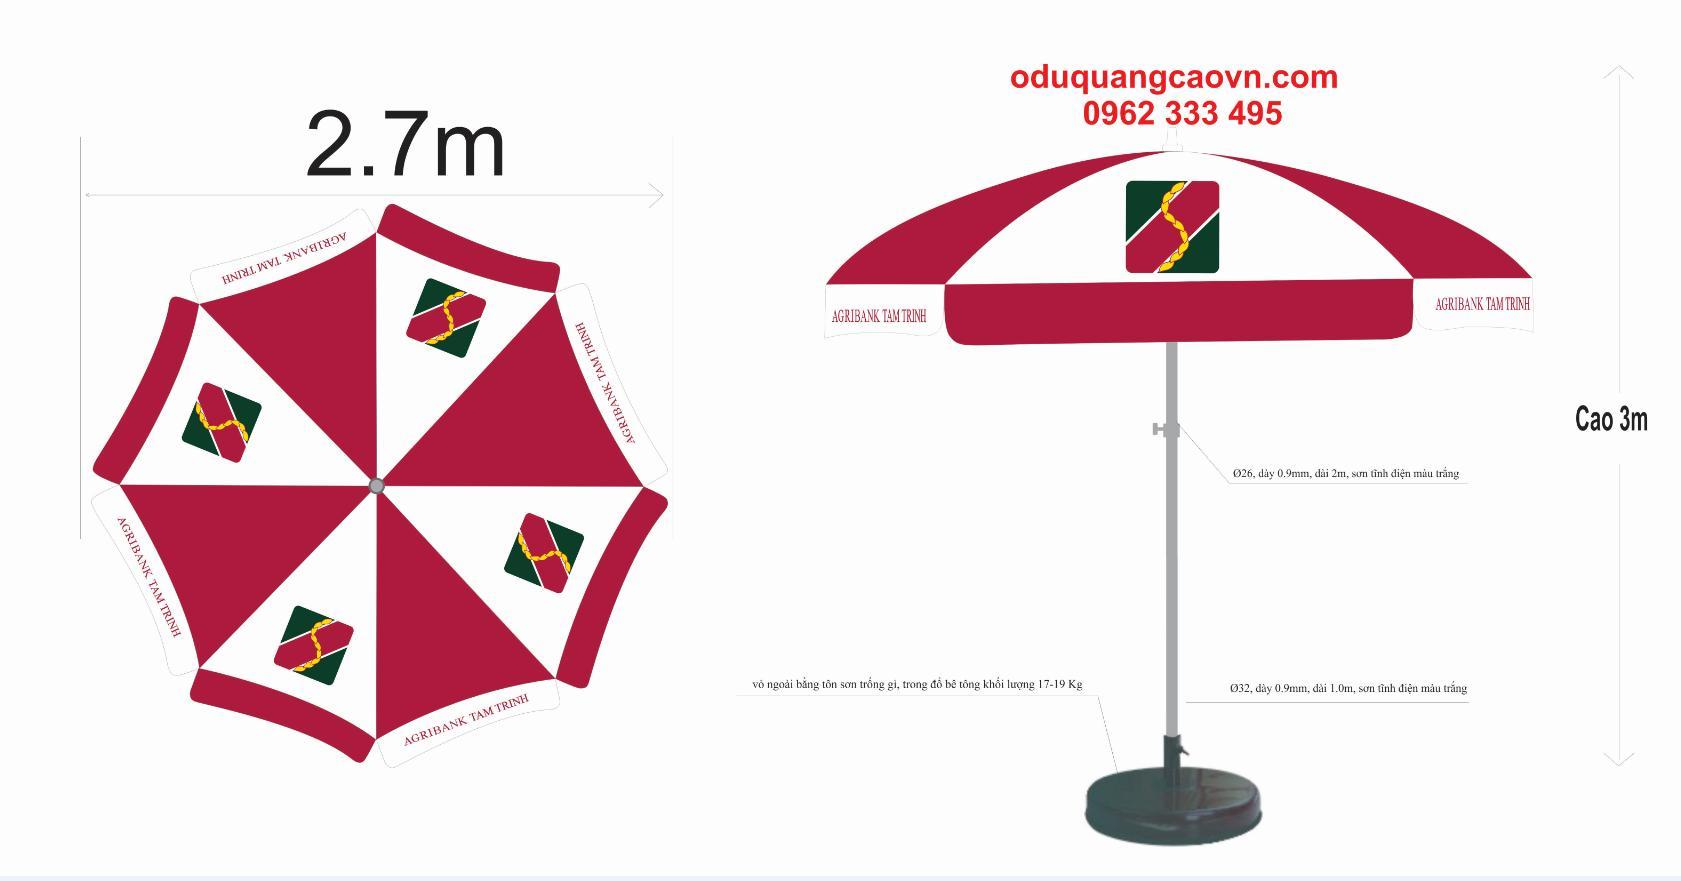 Lựa chọn hình thức quảng cáo bằng ô sẽ đem lại hiệu quả cao